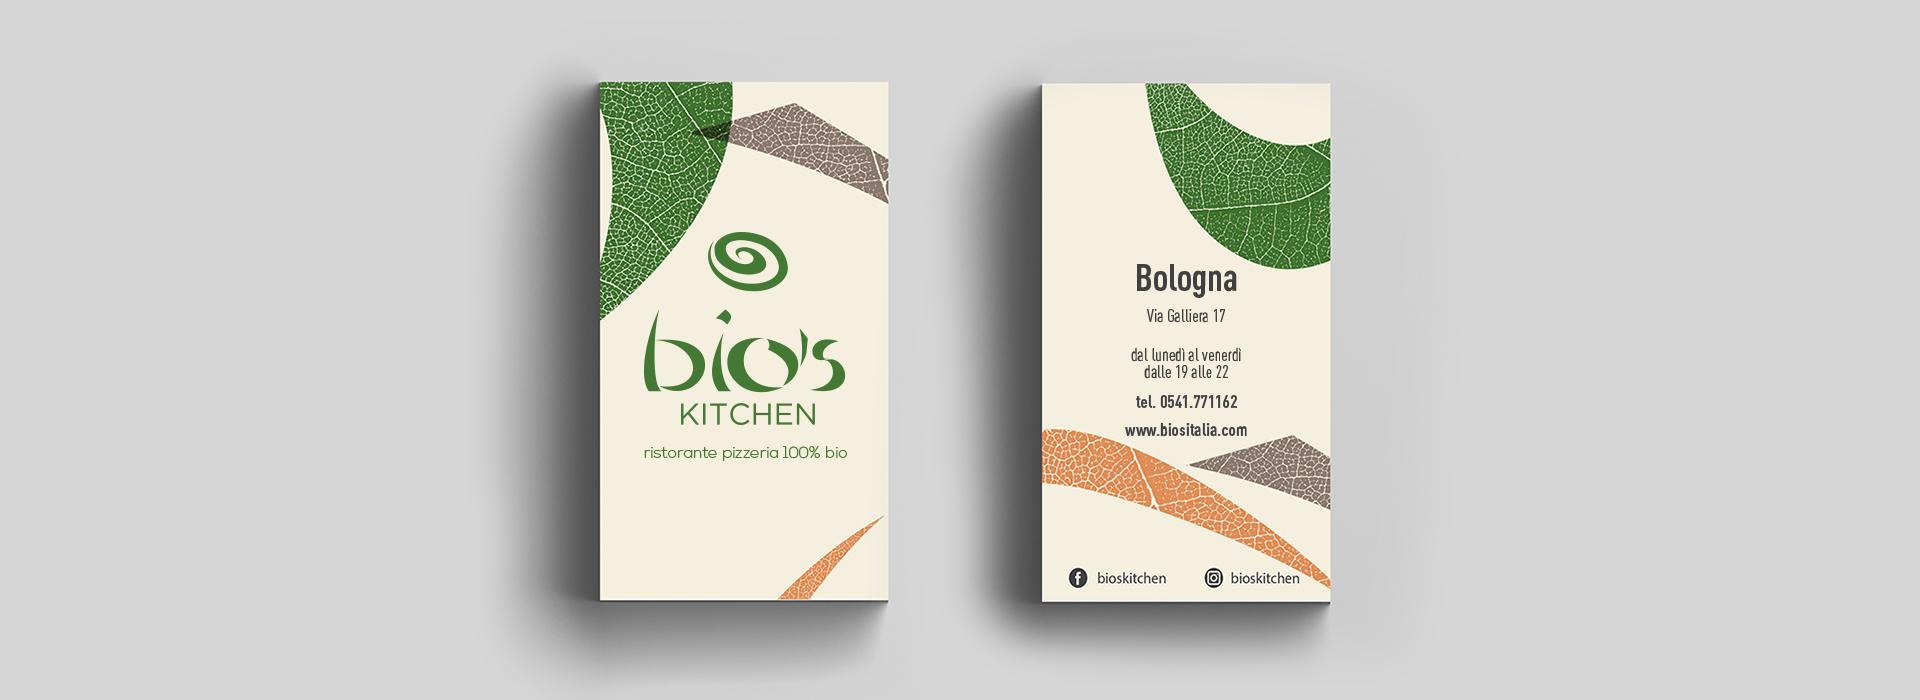 Bios Kitchen